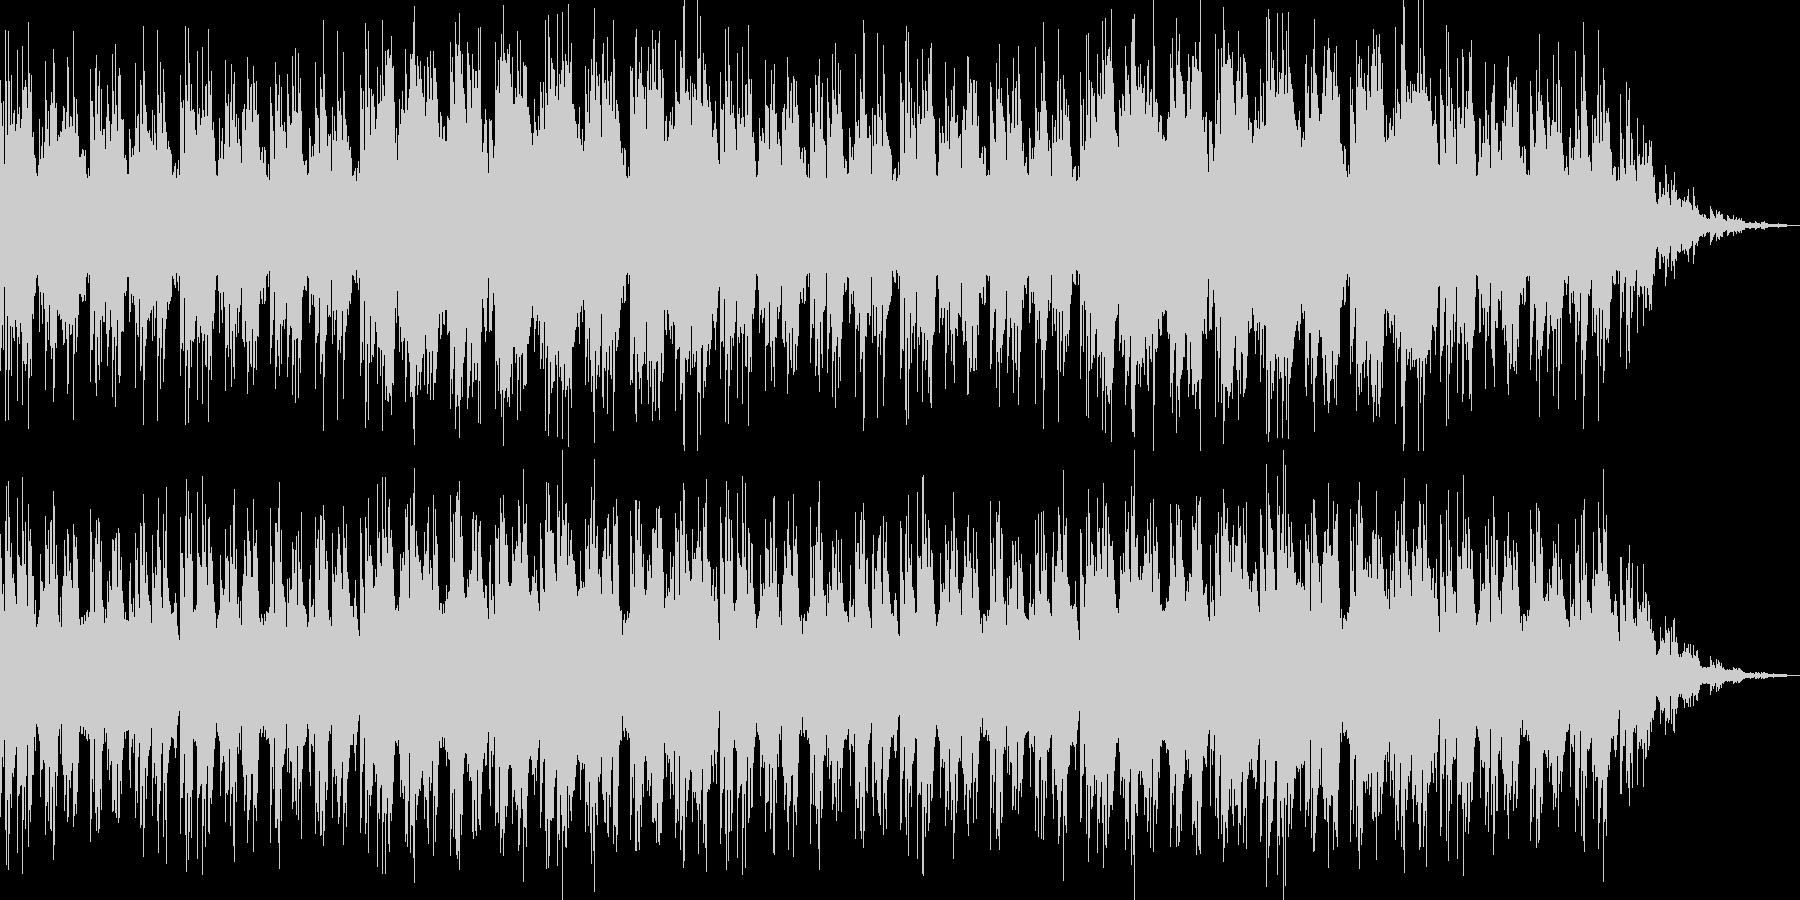 RPGワールドマップ画面風の曲の未再生の波形